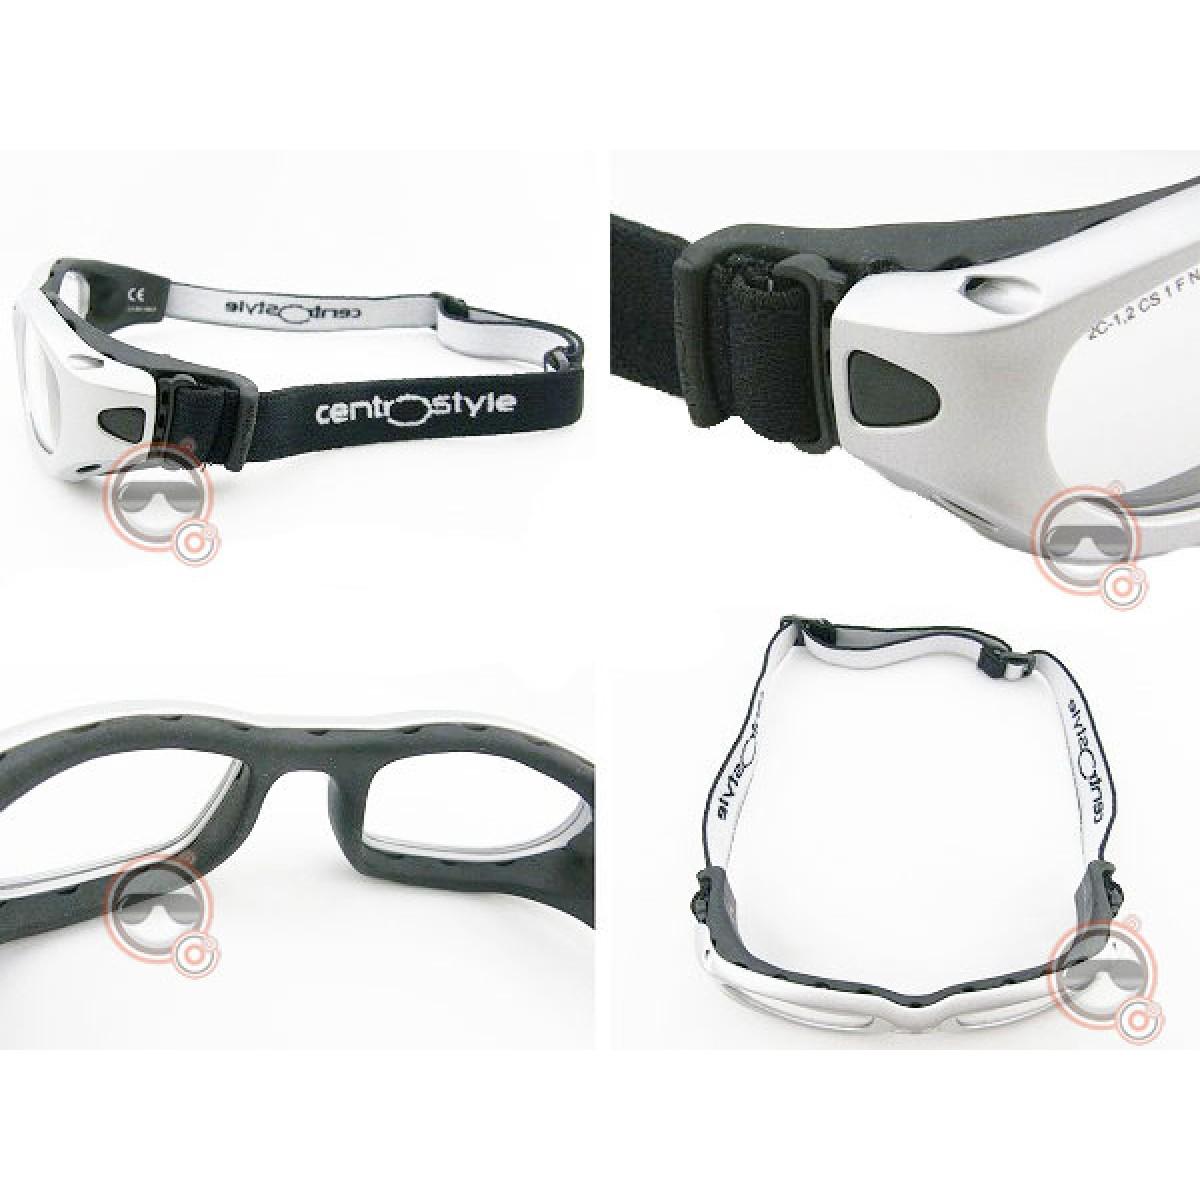 ff51bb499 oculos para jogar futebol - Esporte Visão